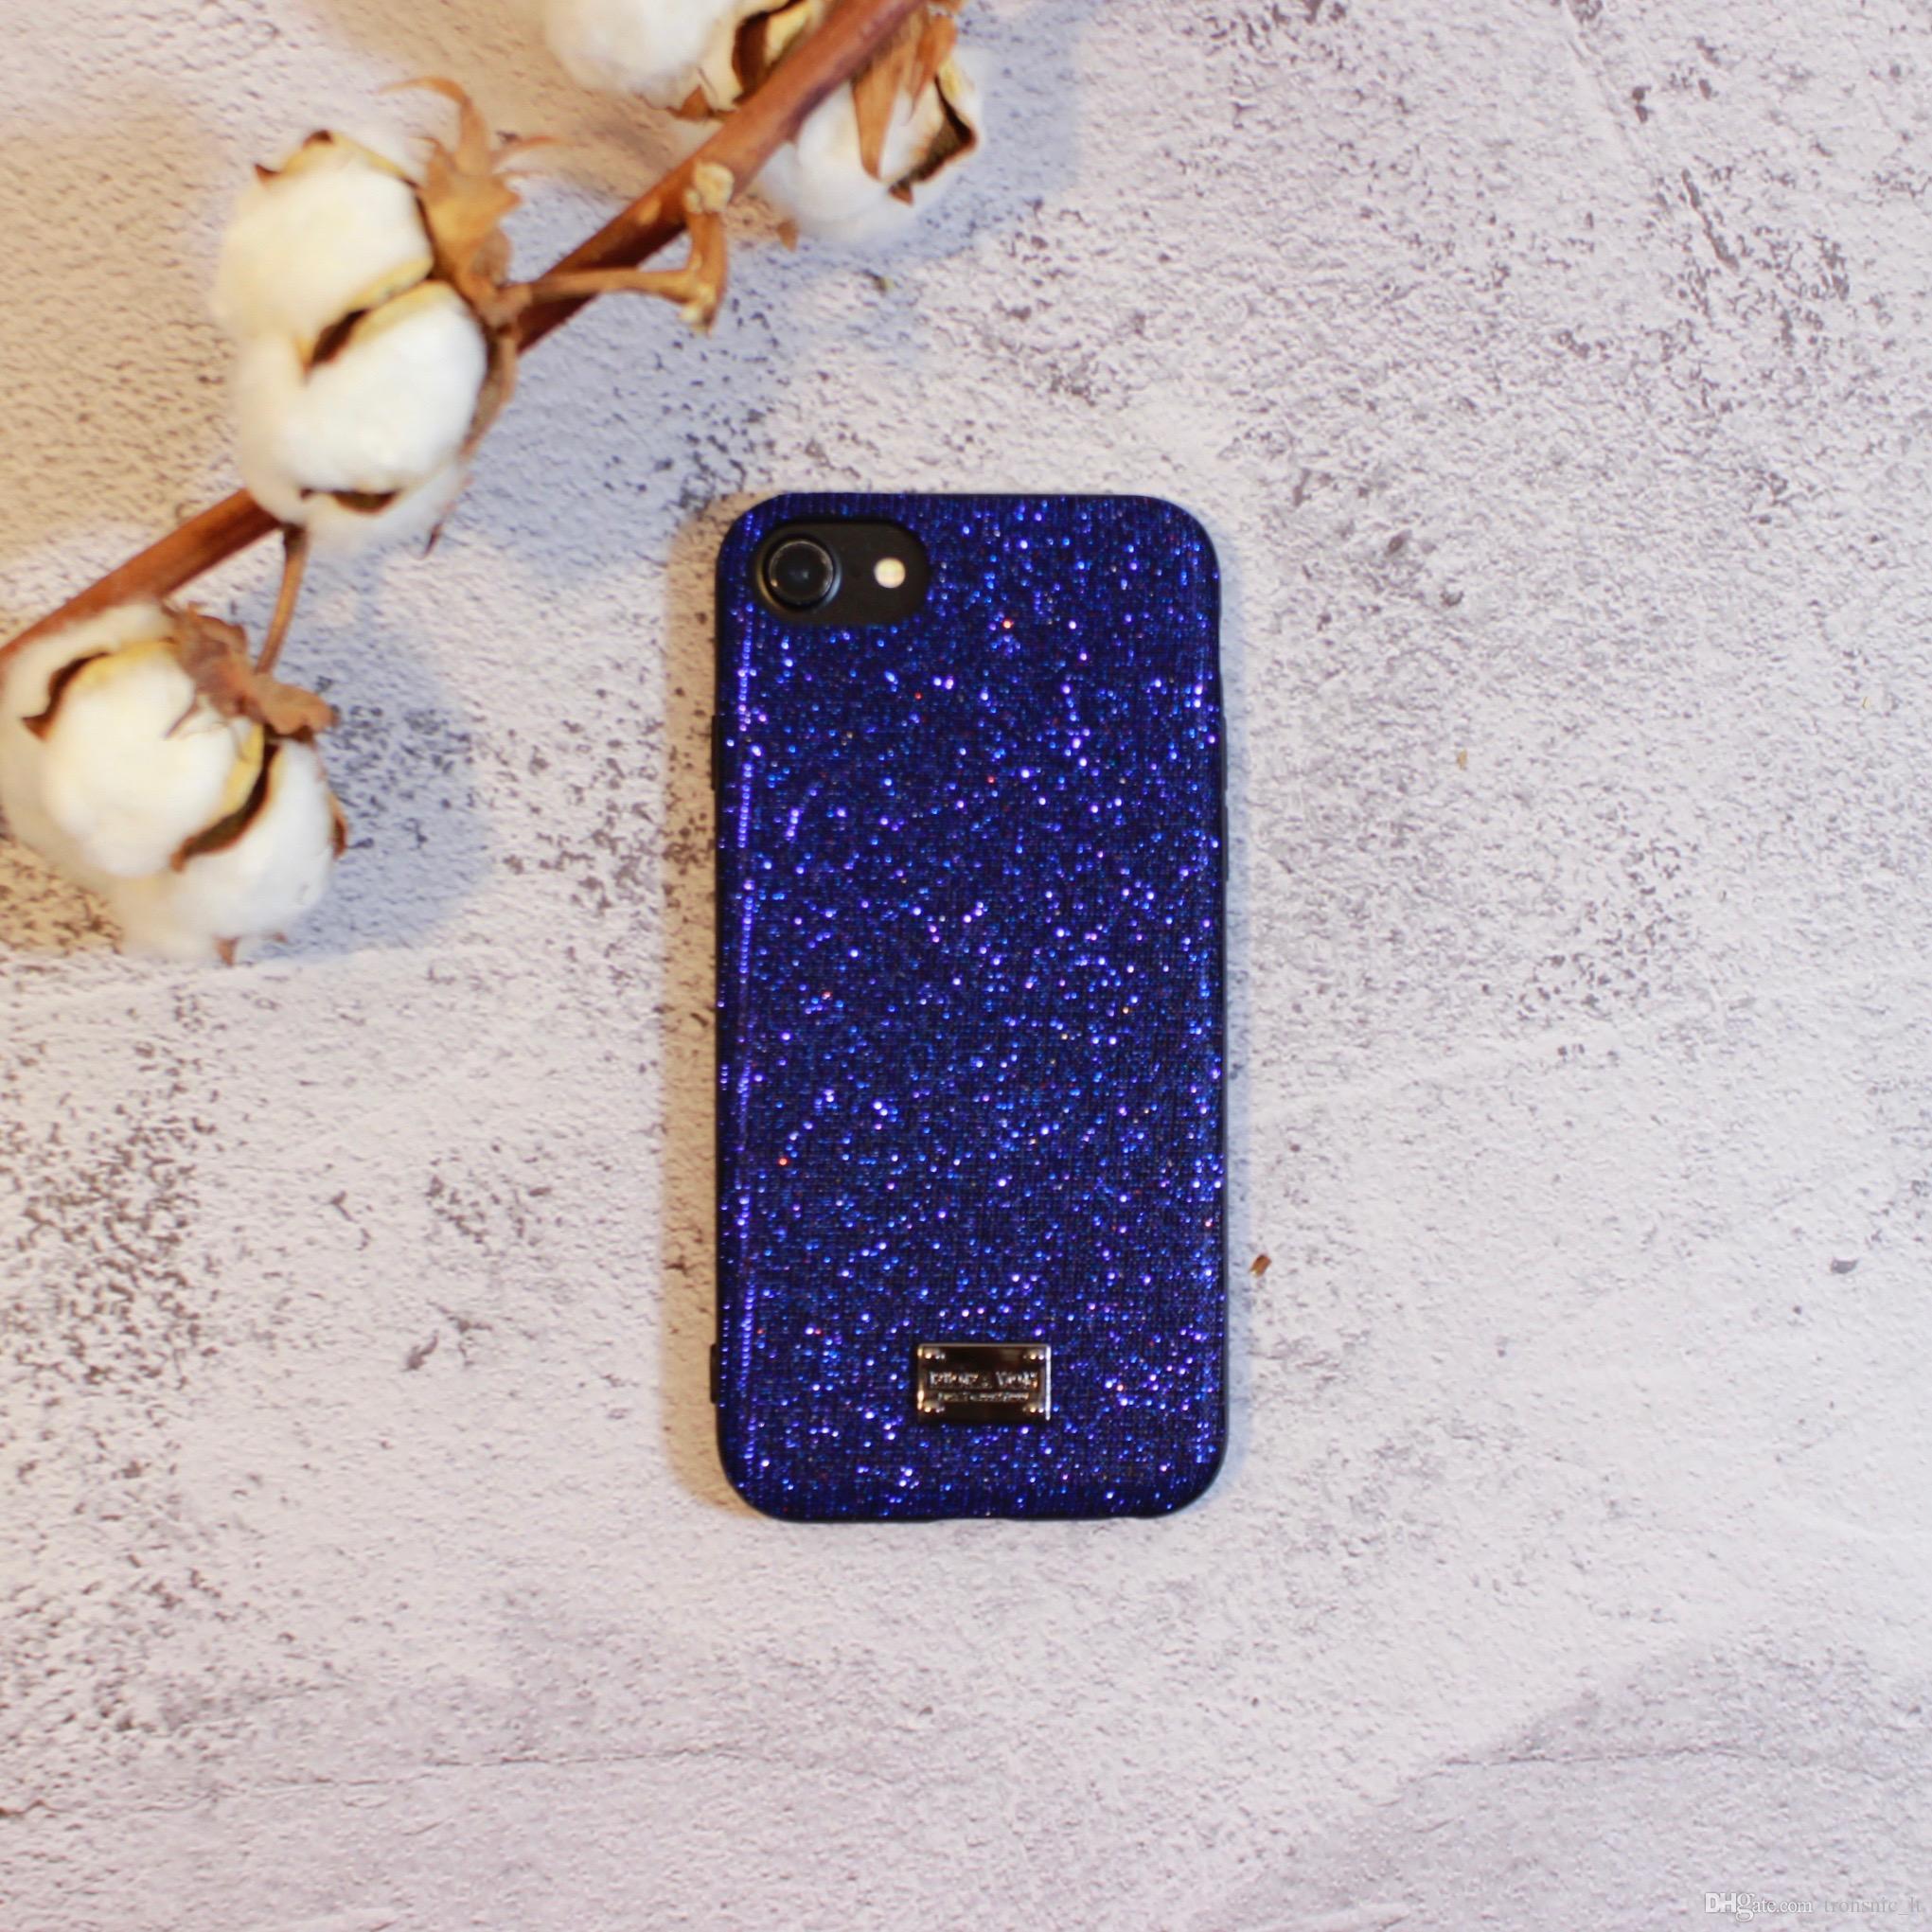 Coque IPhone 6S Plus IPhone 6S Plus Fashion Coque En Soie Diamant Pour IPhone 7 Plus, Rouge Vert Arrière Couvre Noir Rose Proposé Par Tronsnic_lt, ...